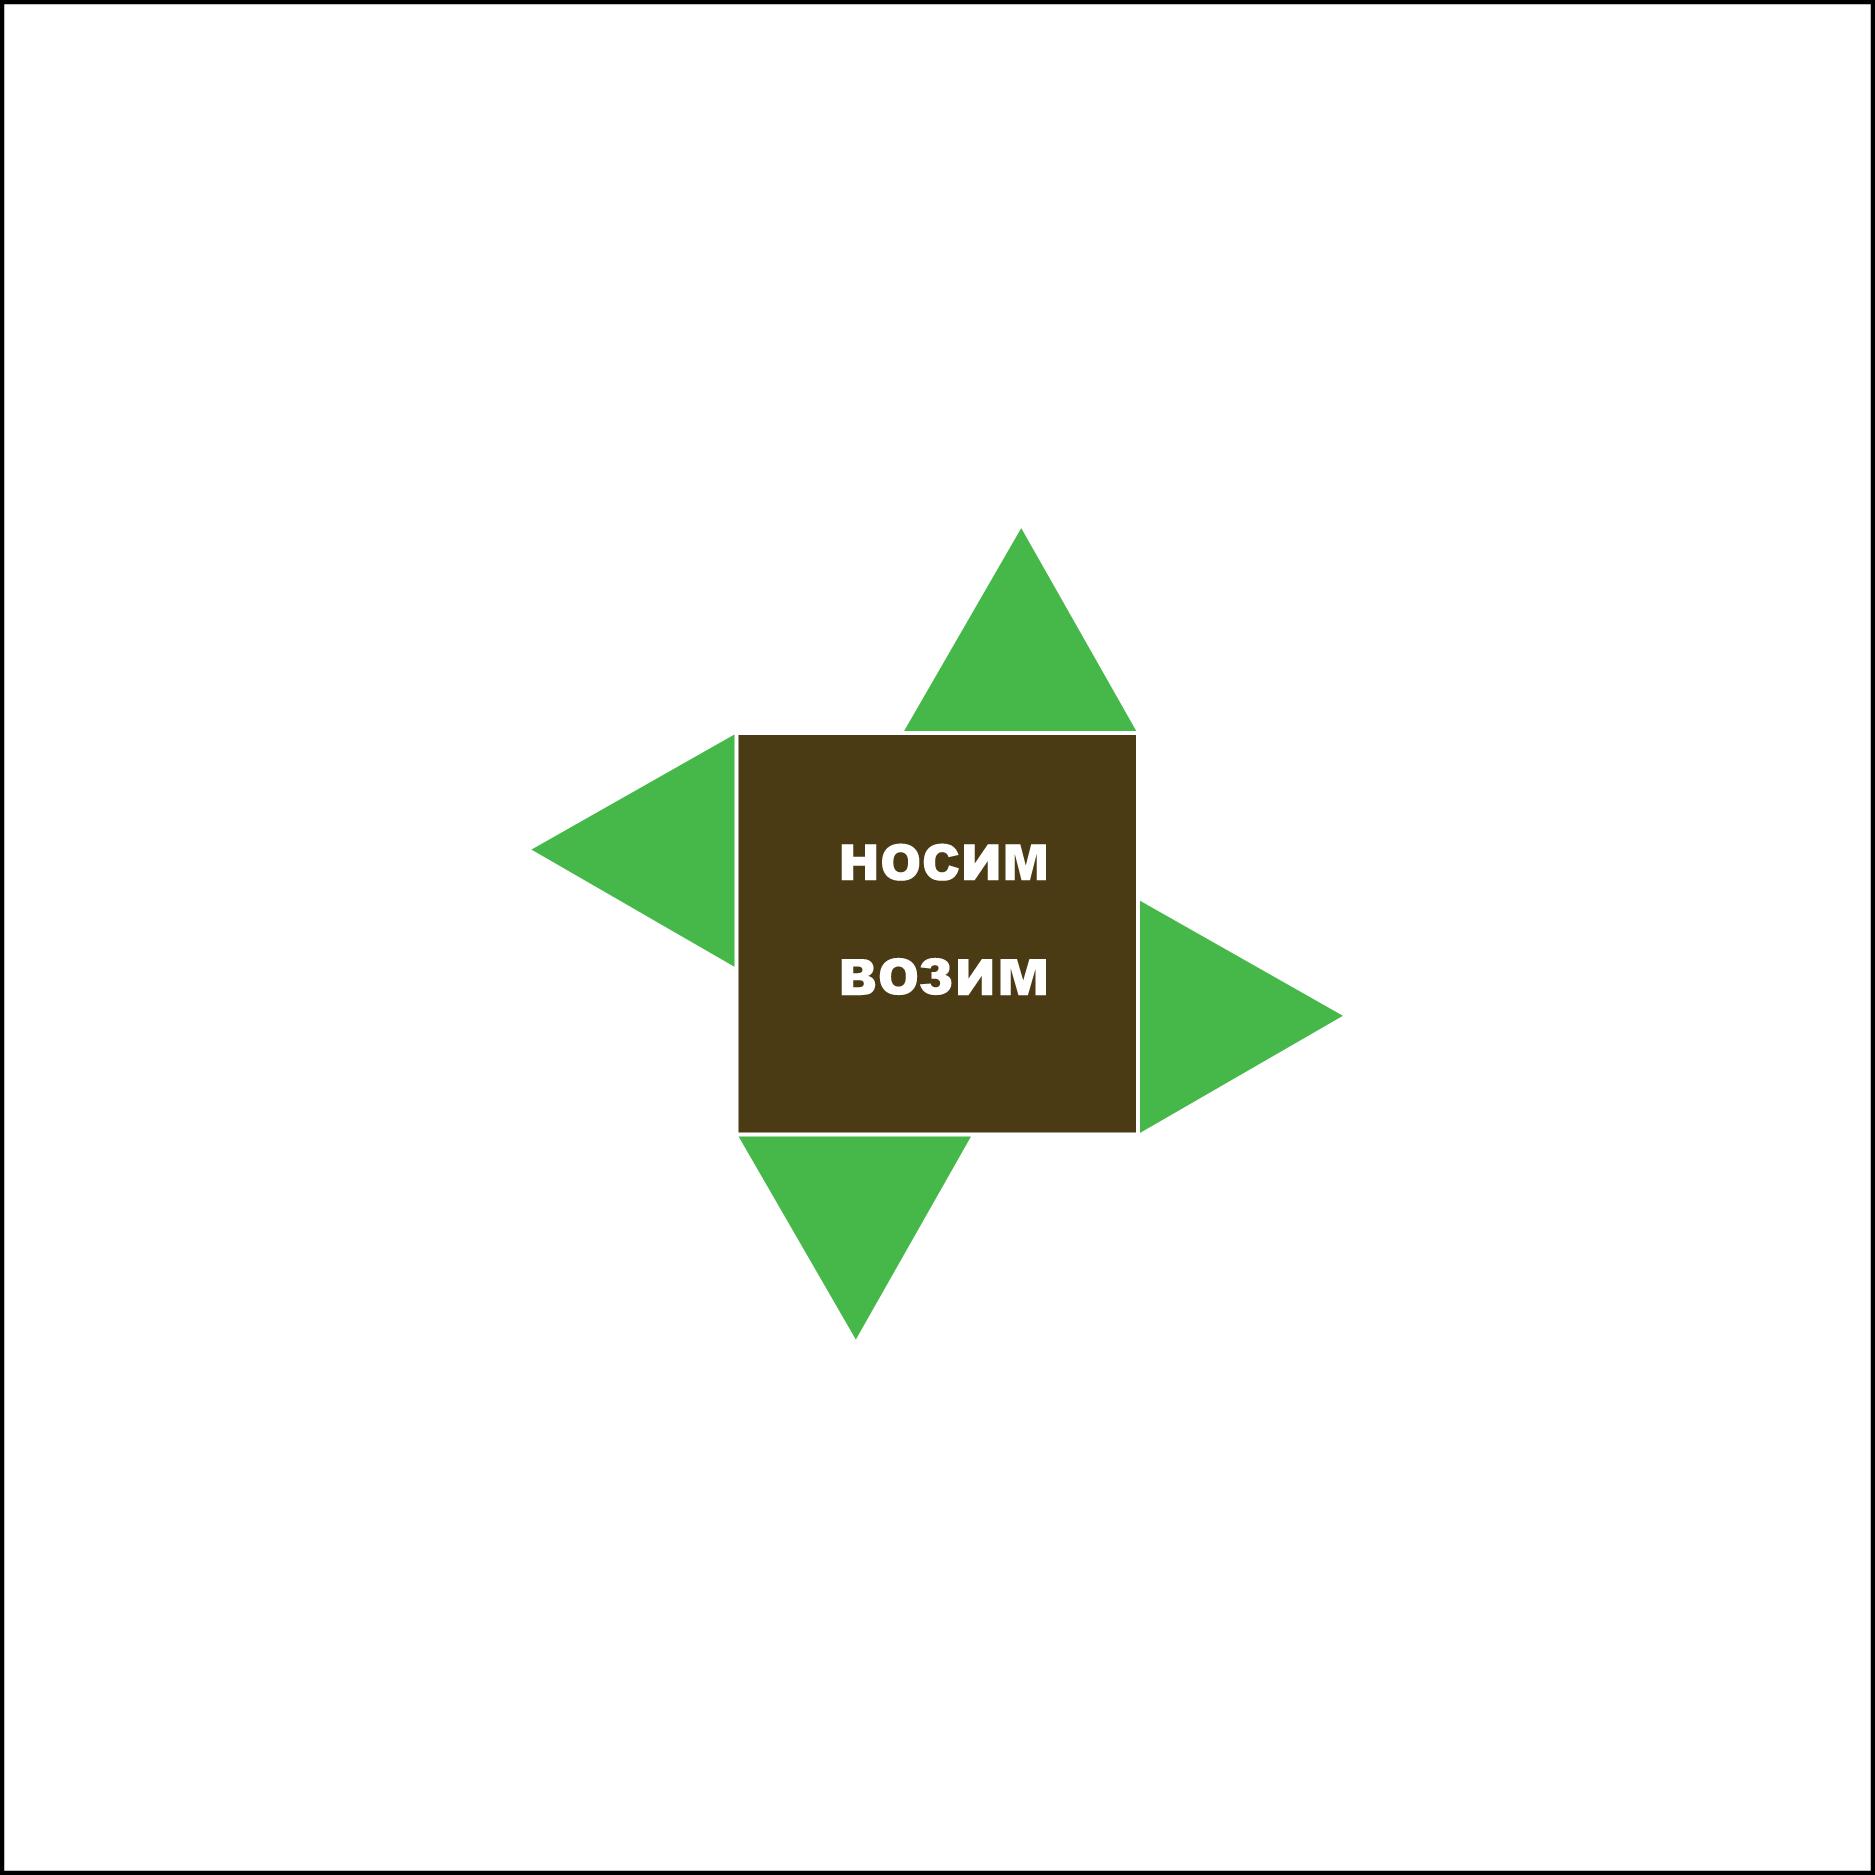 Логотип компании по перевозкам НосимВозим фото f_4965cf699e7d0714.png